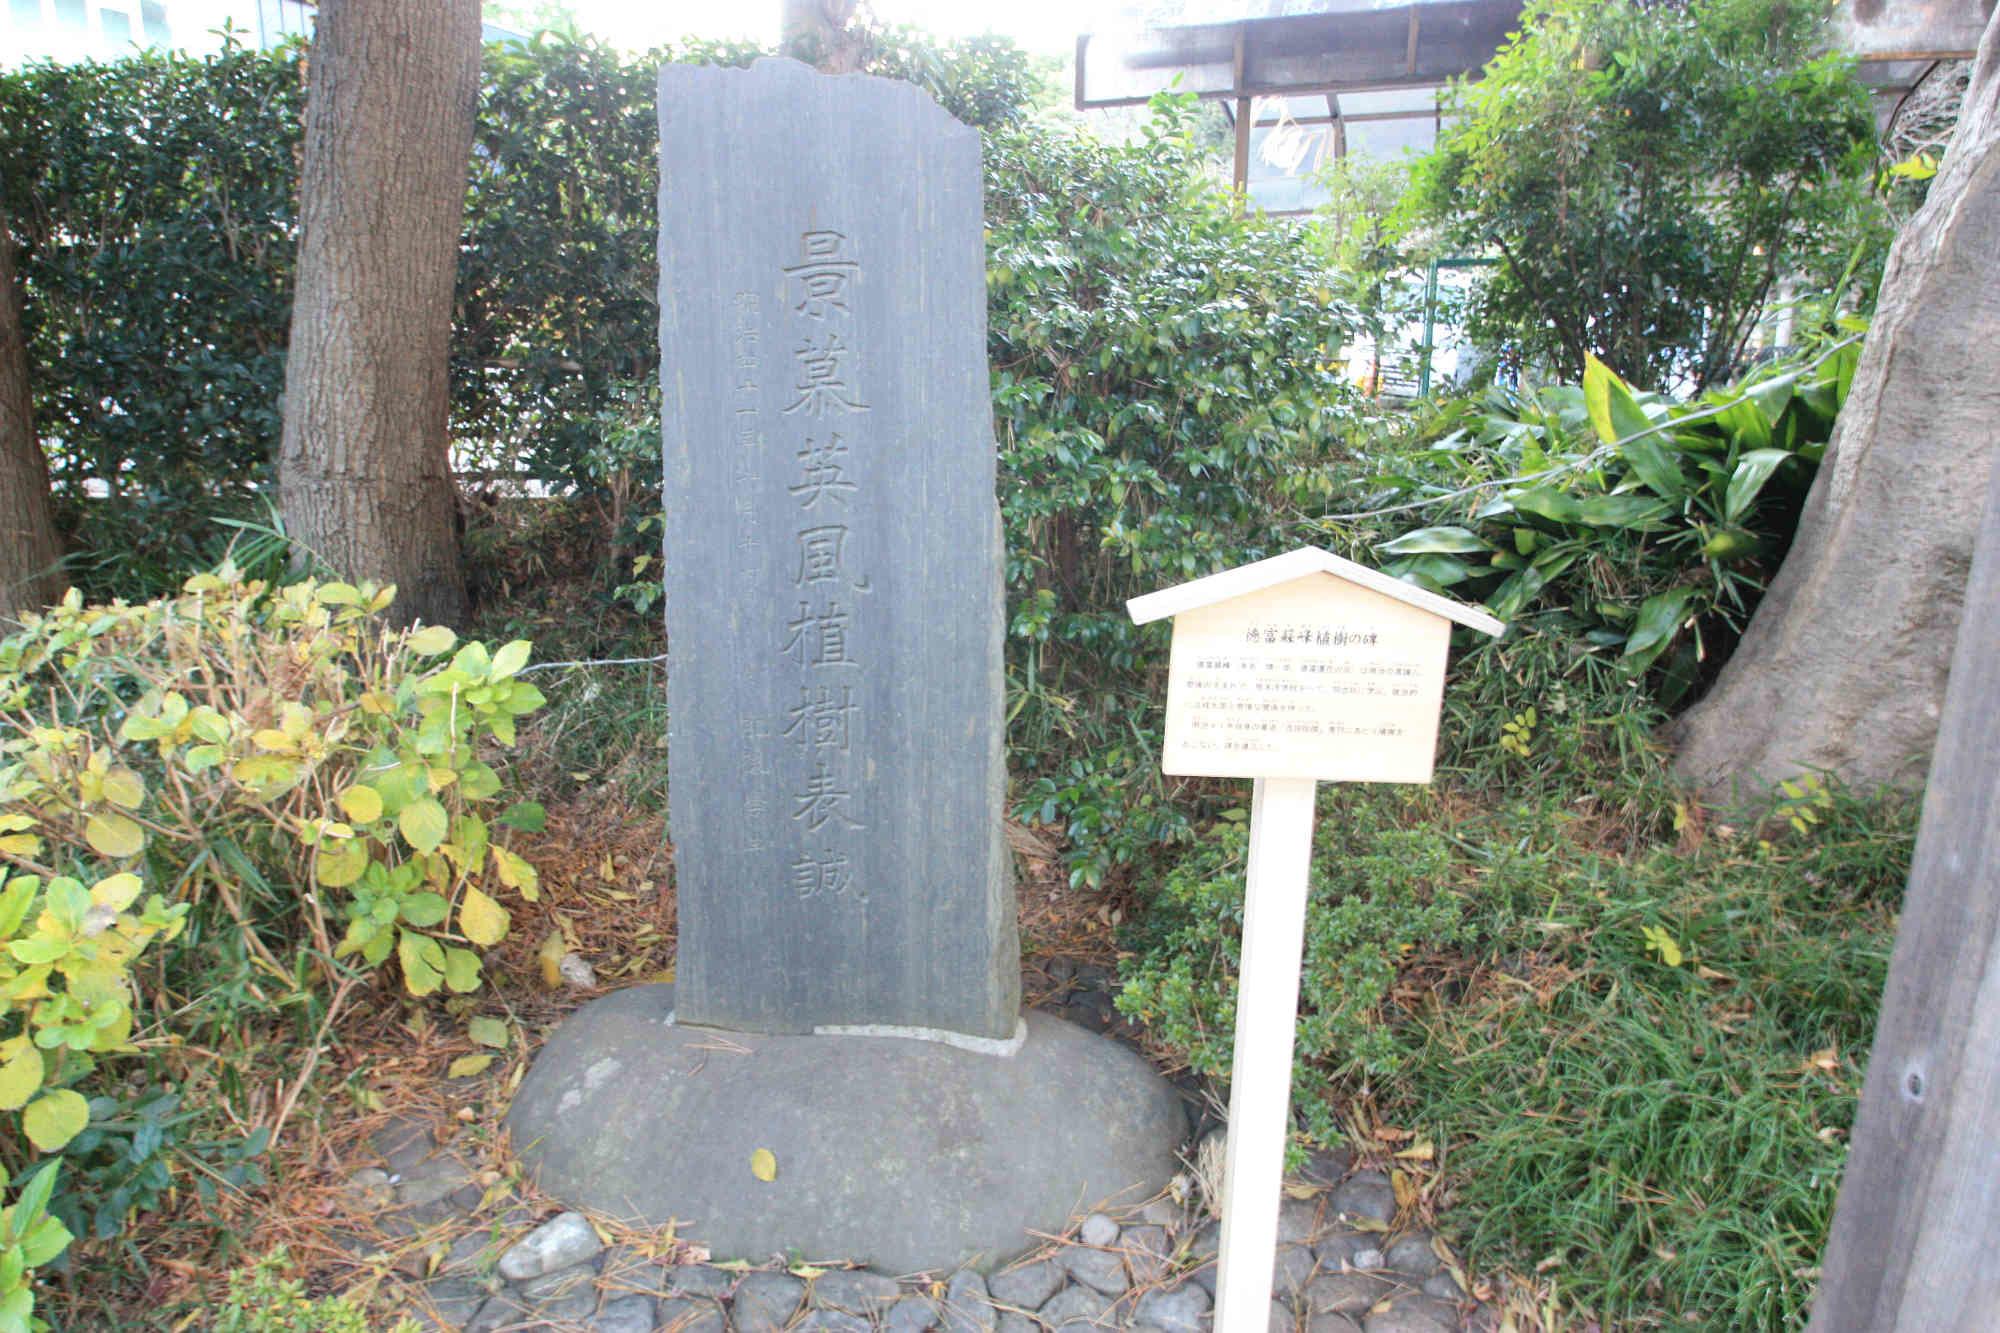 徳富蘇峰植樹の碑